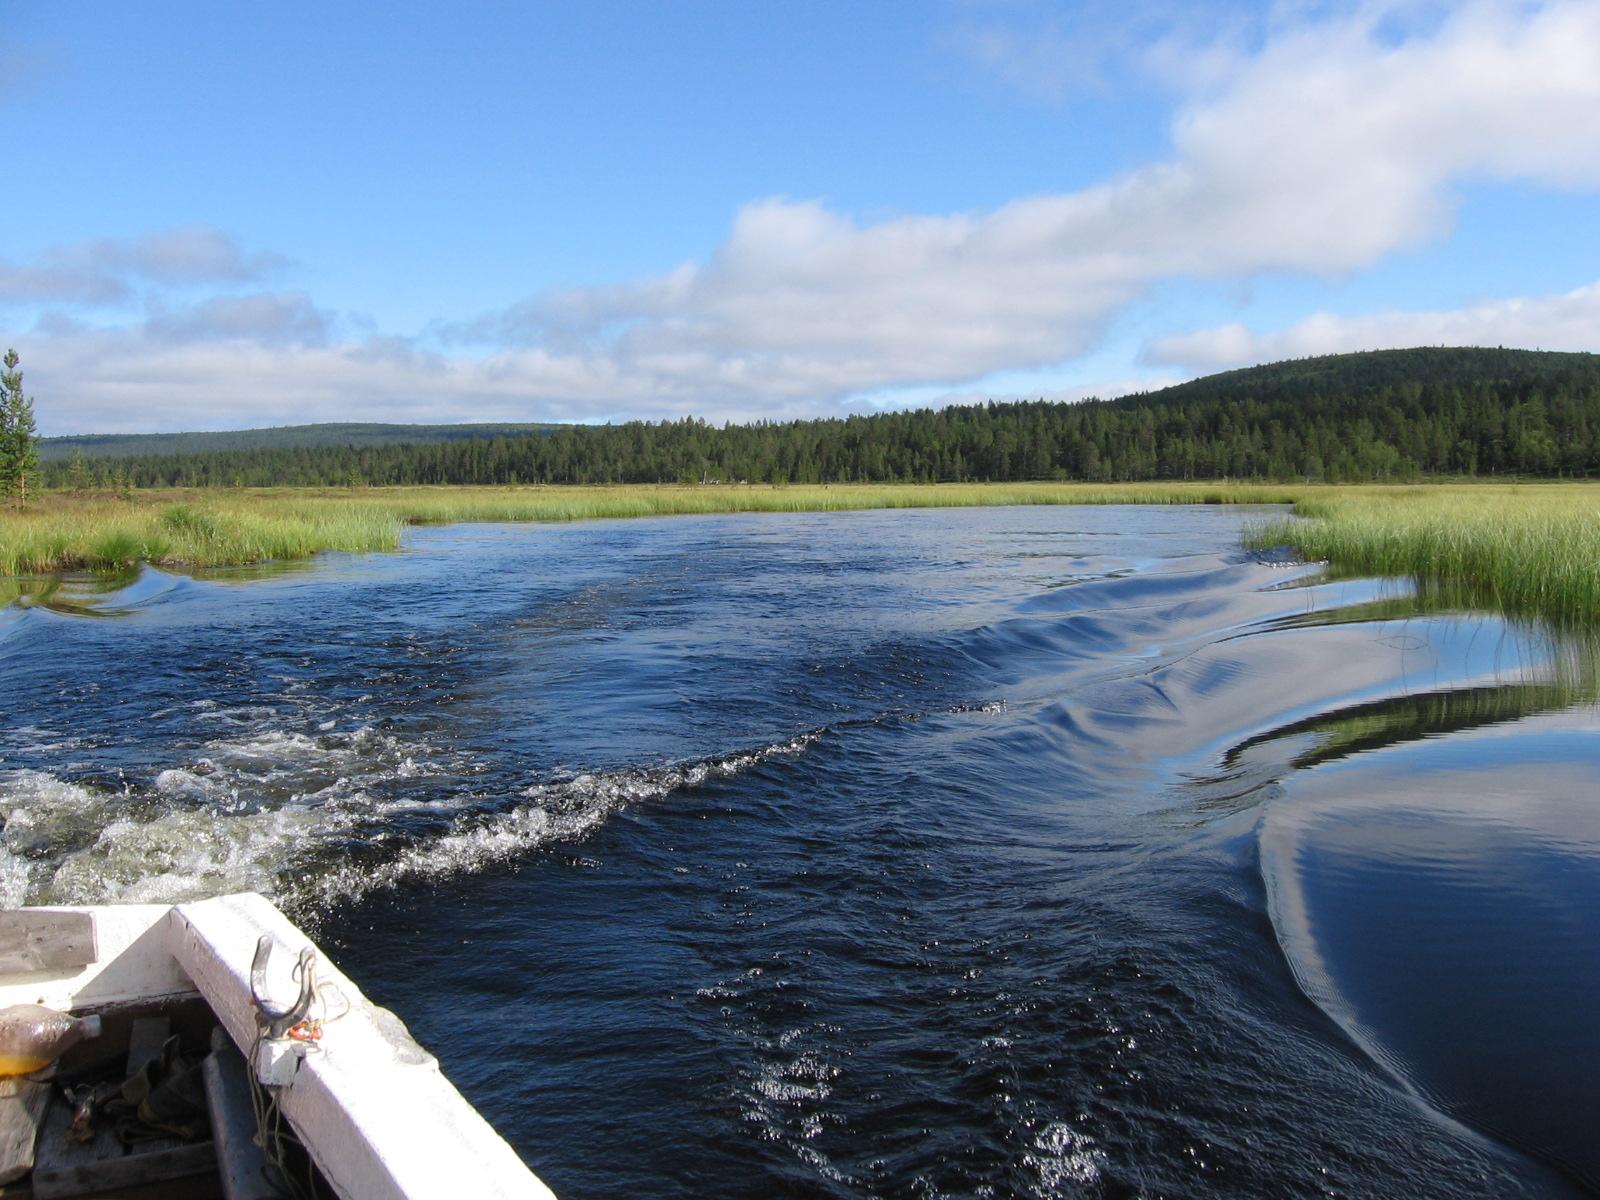 Aittavielma Vuorhajärven ja Aittajärven välillä 6.8.2010